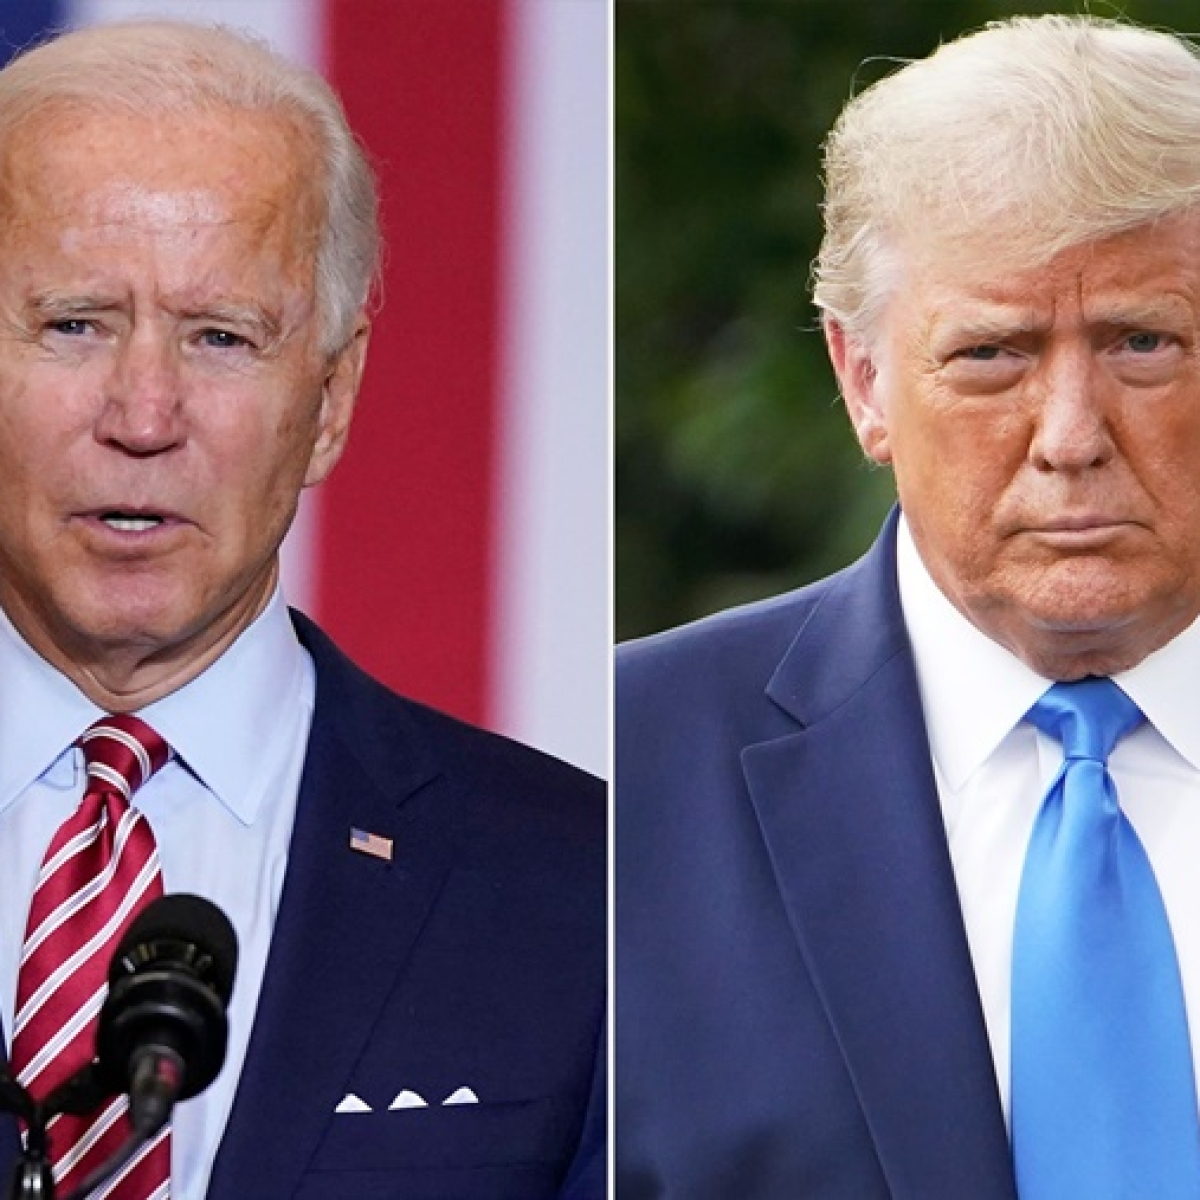 Indian Americans prefer Joe Biden as President over Donald Trump: Poll